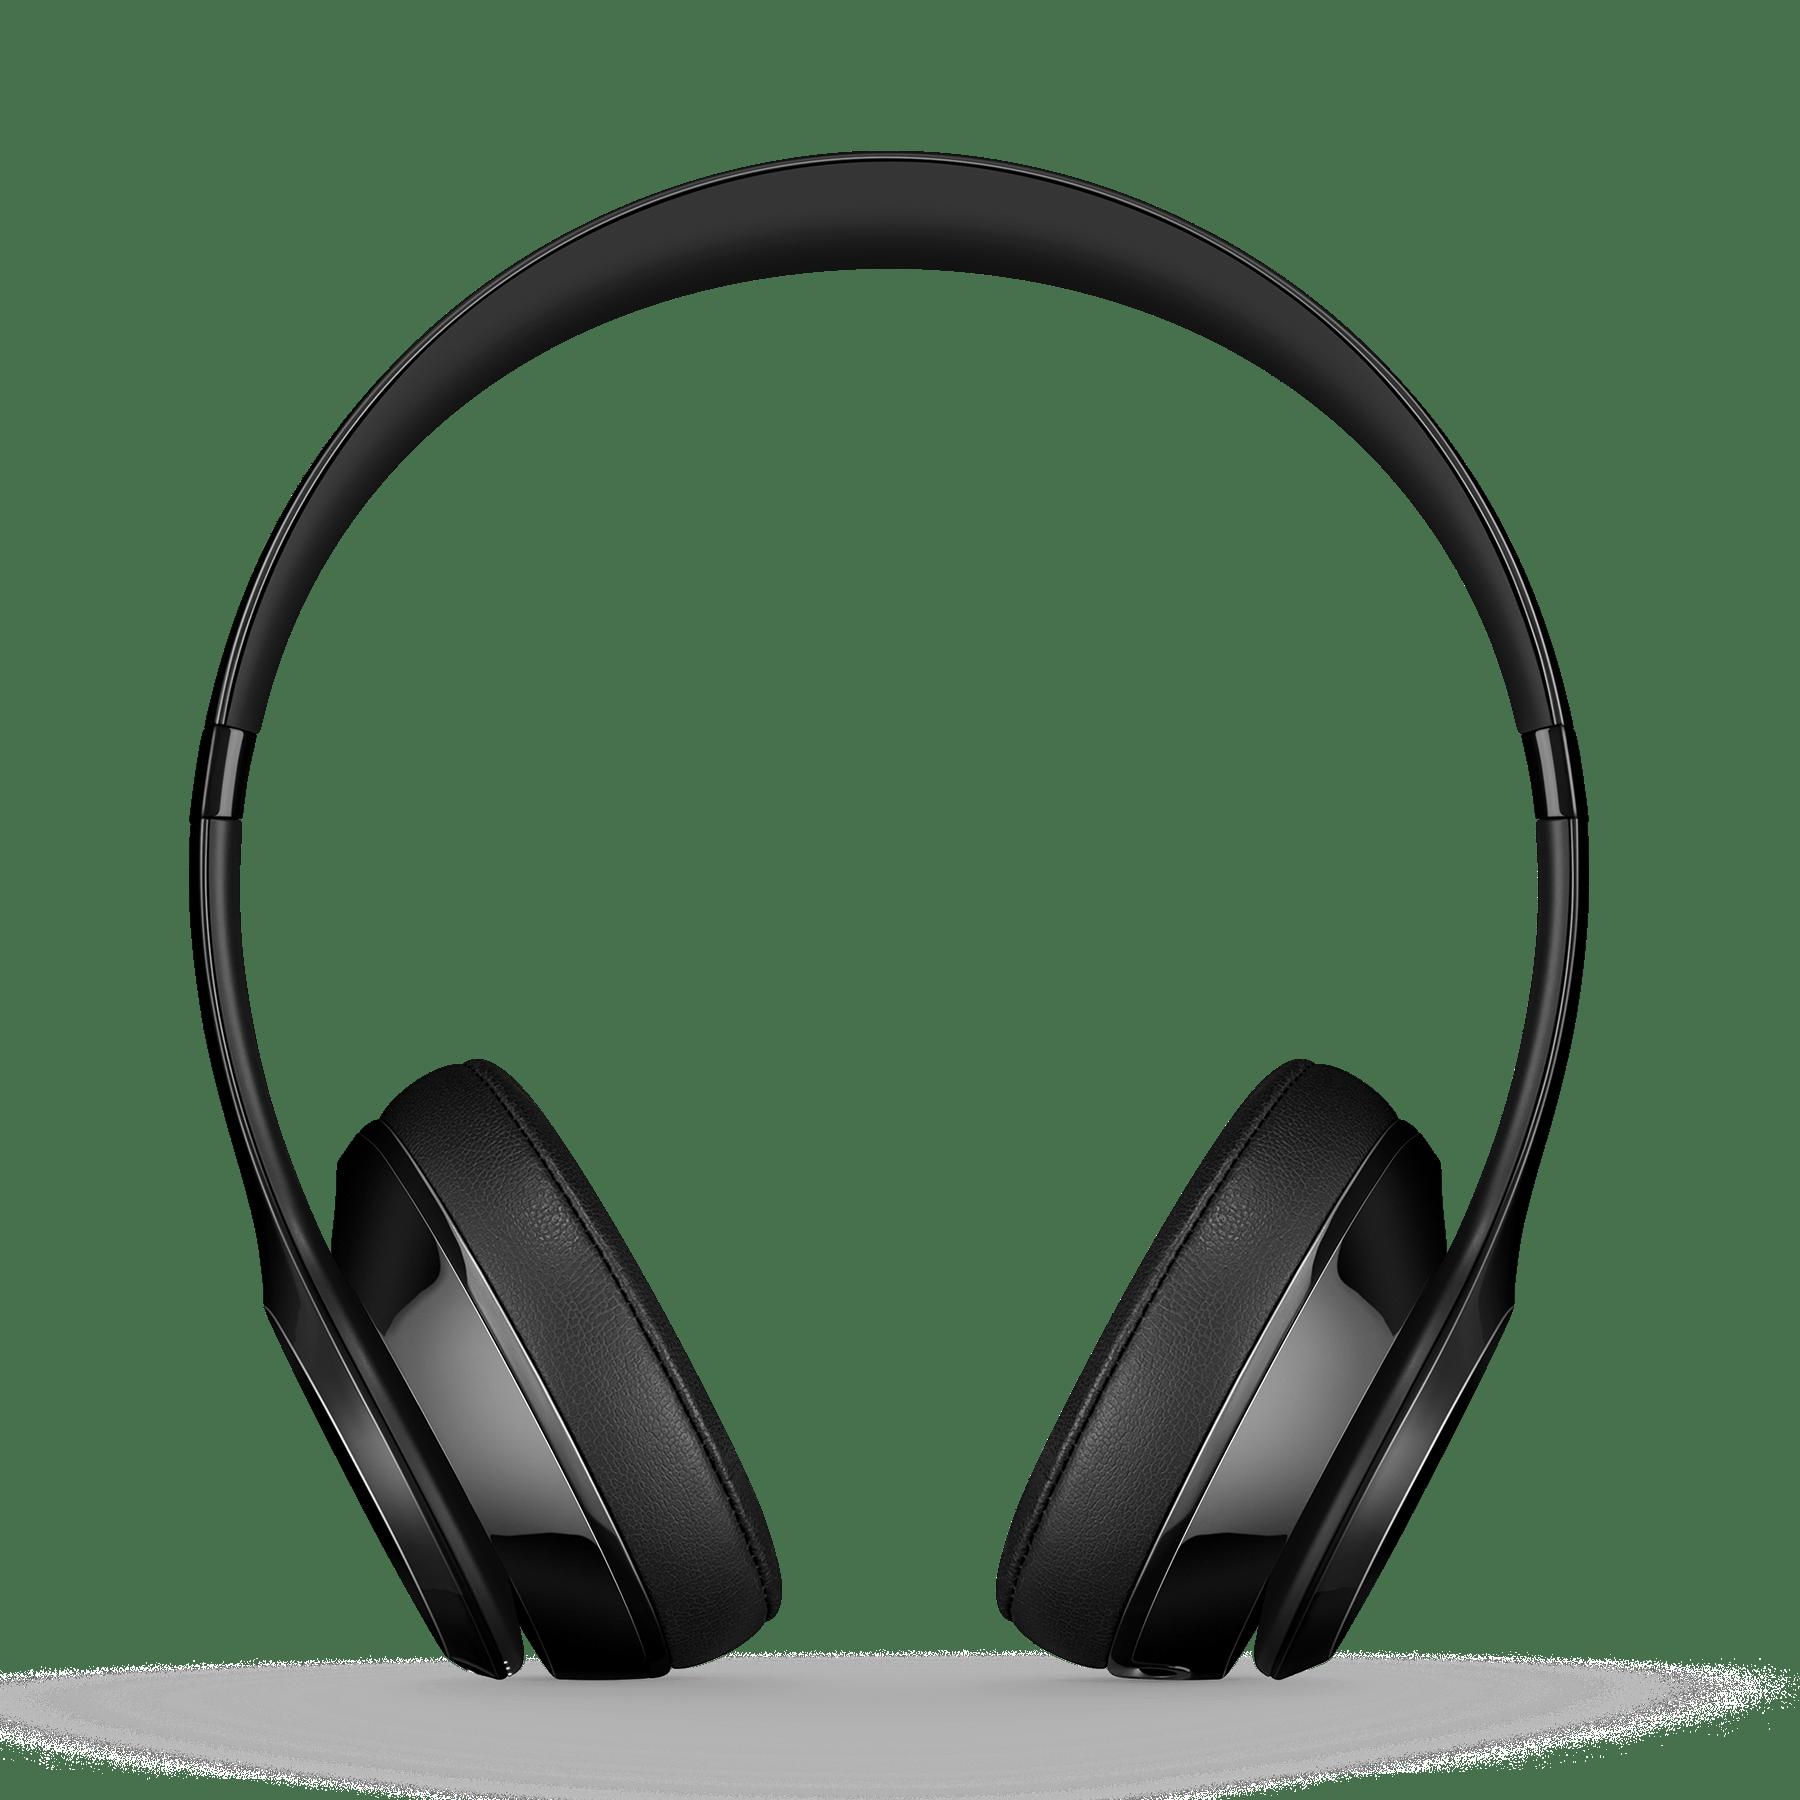 048ff7f442fe Beats Solo3 Wireless - Beats by Dre